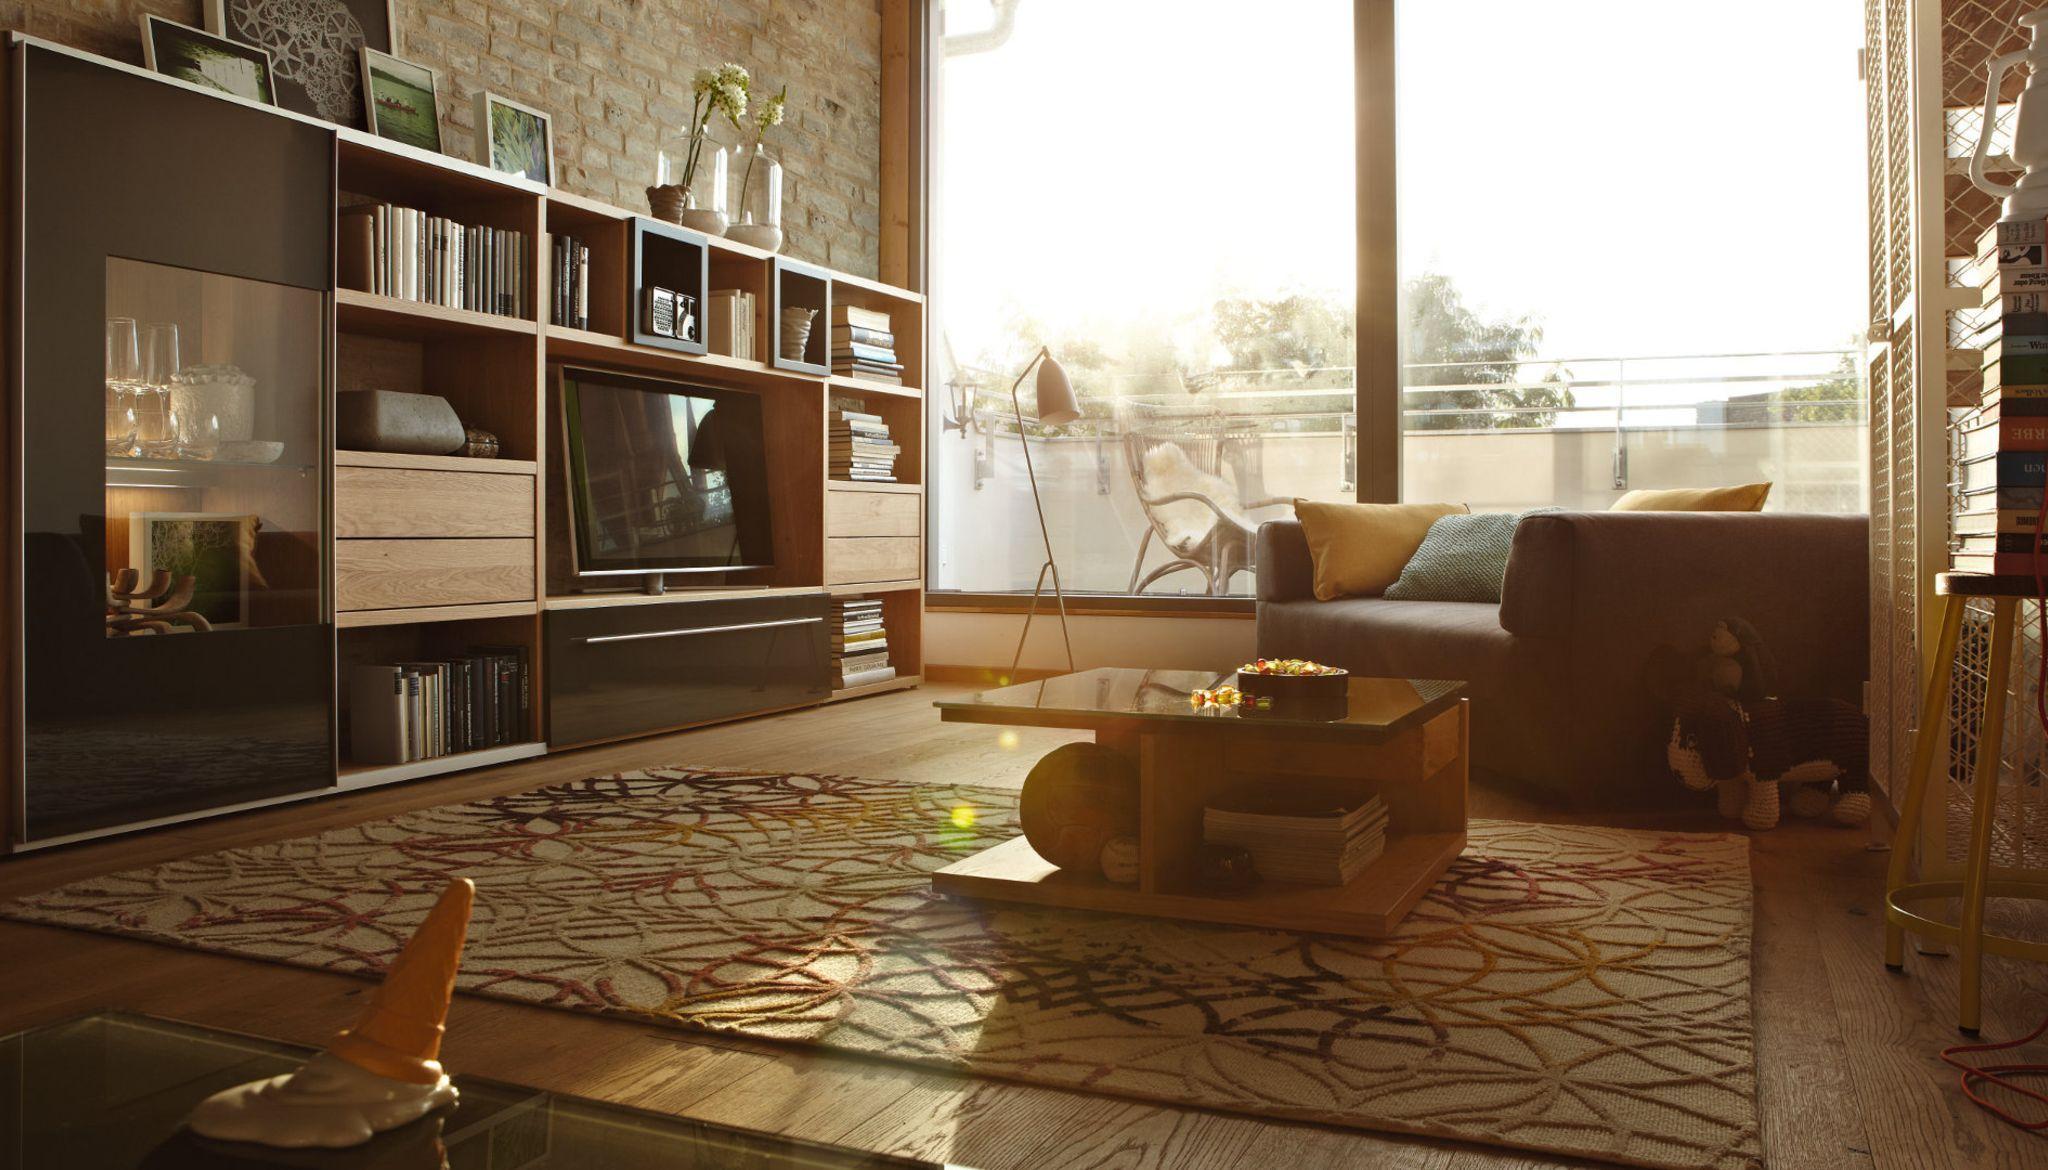 wohnen h lsta die m belmarke home h lsta m bel und wohnung dekoration. Black Bedroom Furniture Sets. Home Design Ideas